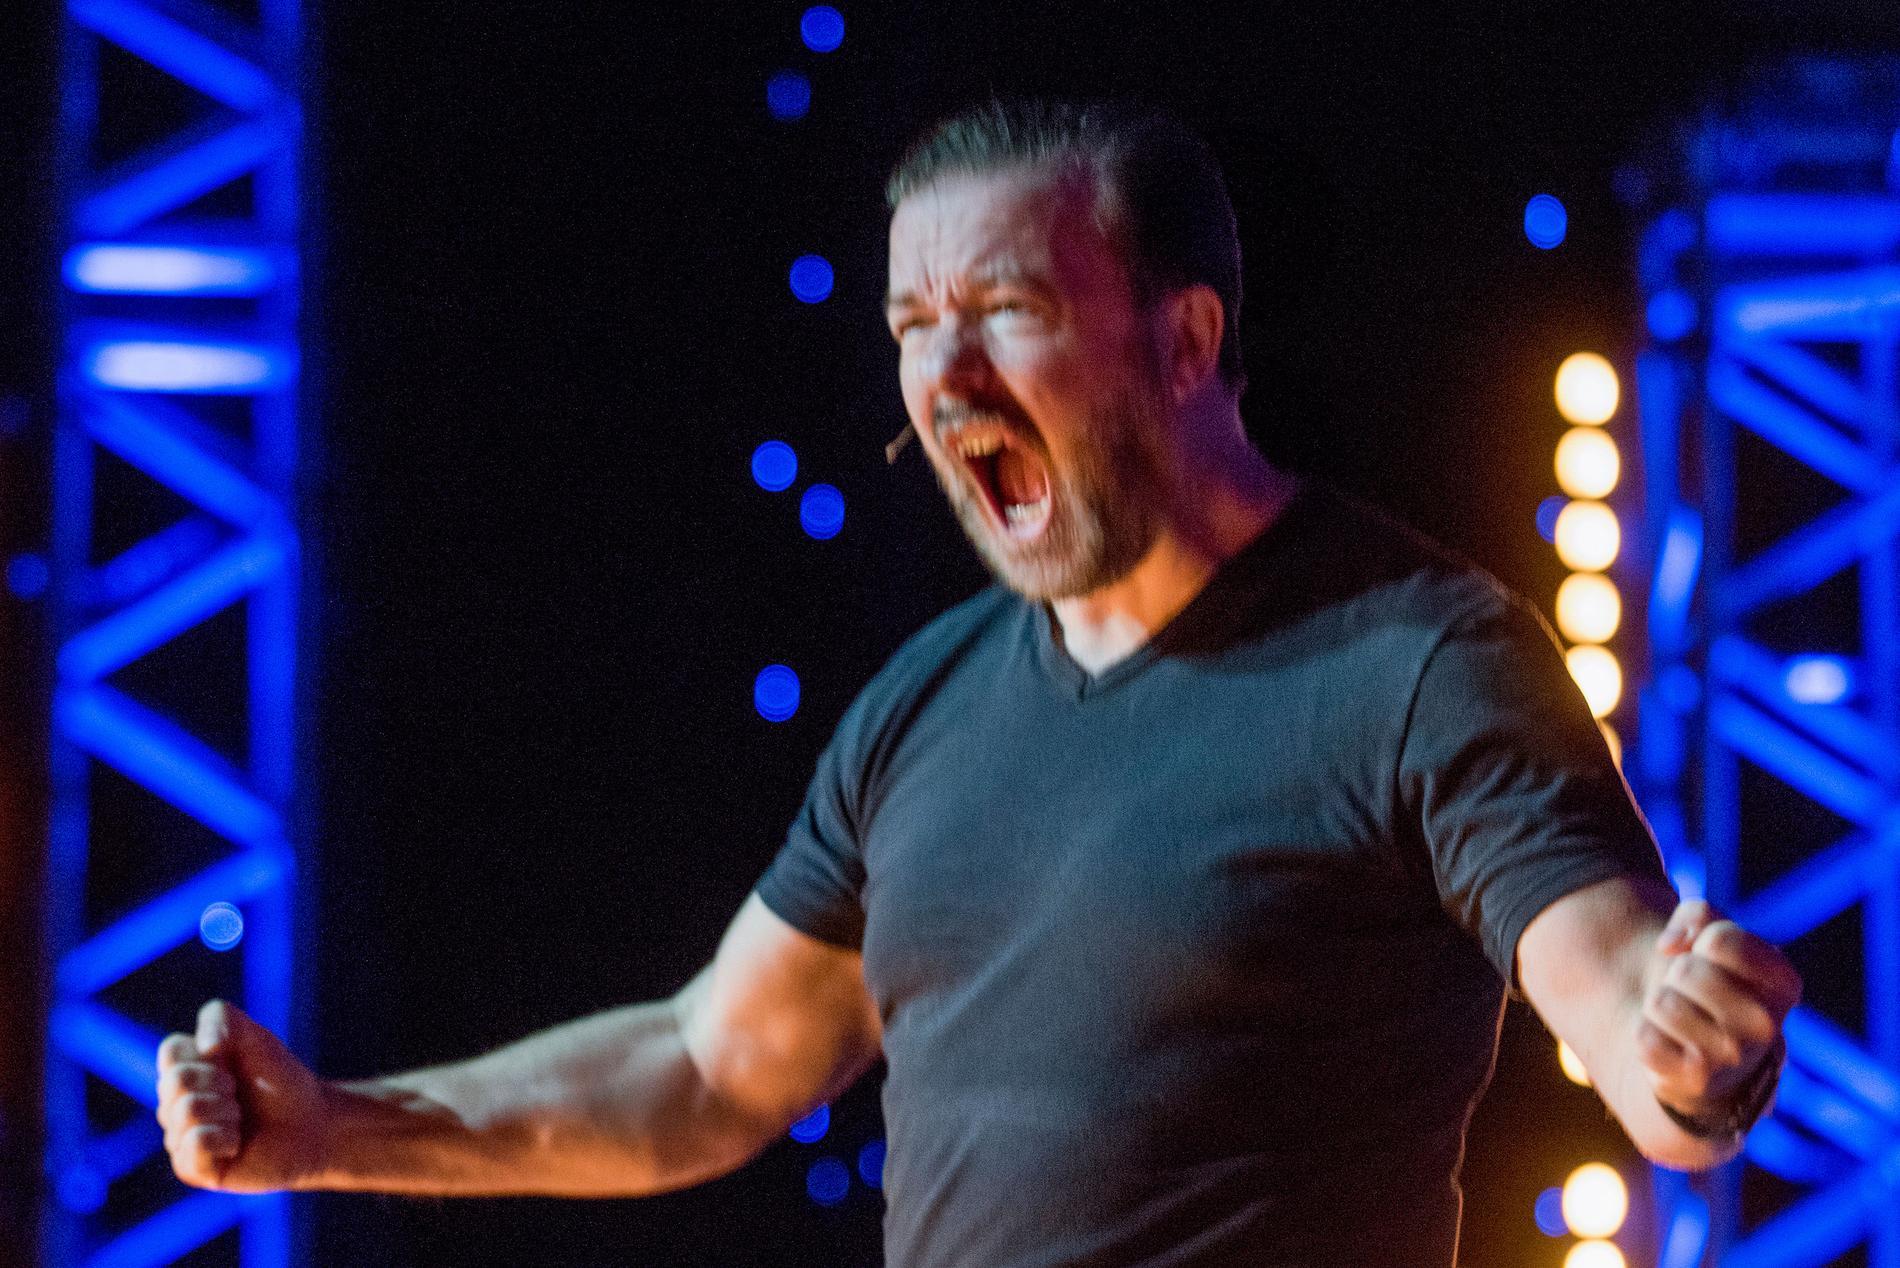 Ankdamm av bitterhet. Gervais show är underhållande och fascinerande, men komikern lever inte riktigt som han lär.